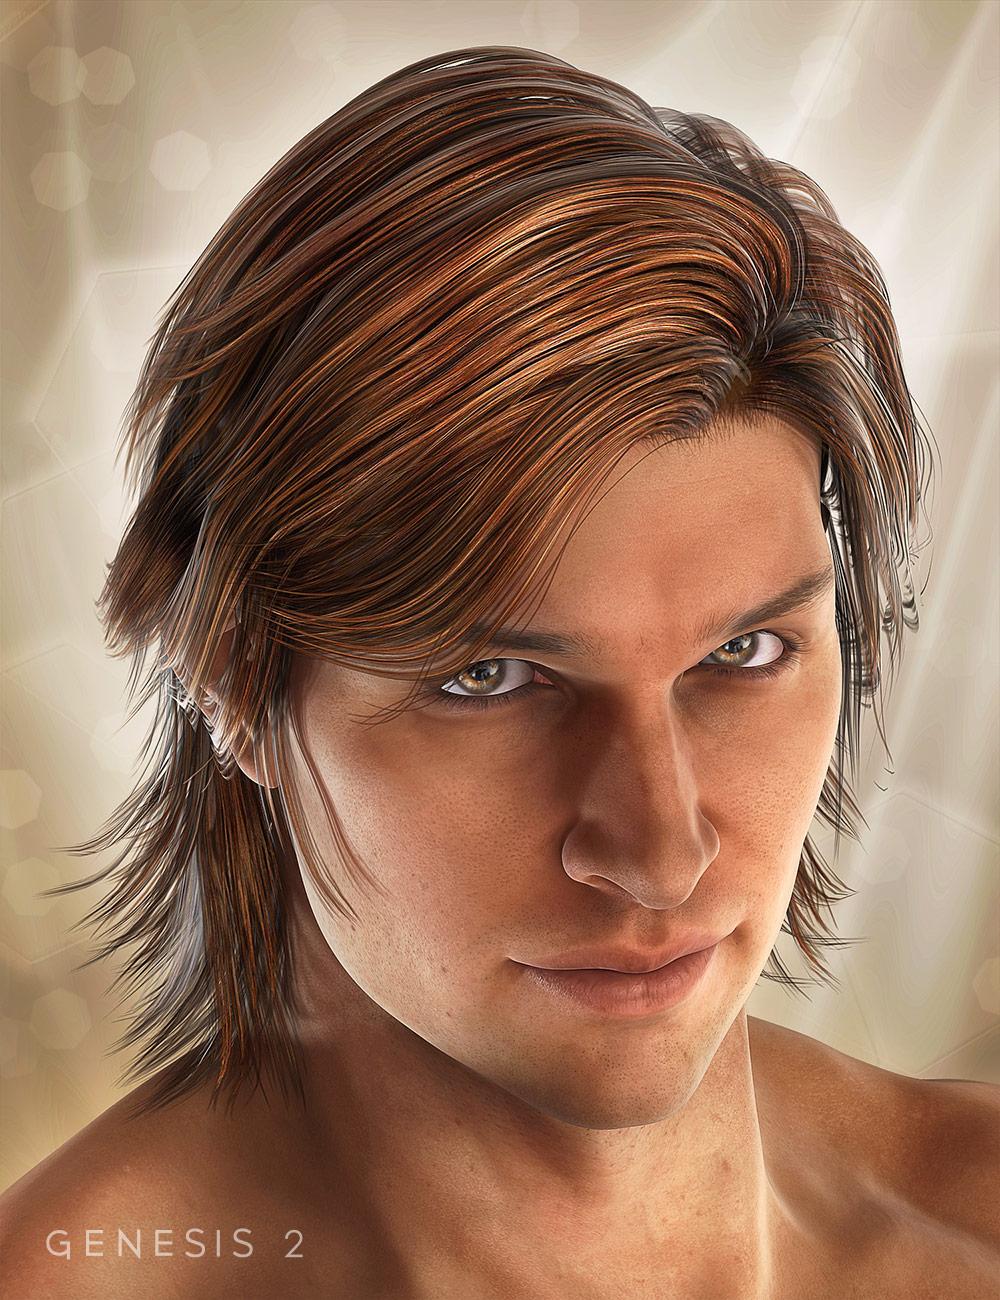 Drifter Hair for Genesis 2 Male(s) by: goldtassel, 3D Models by Daz 3D